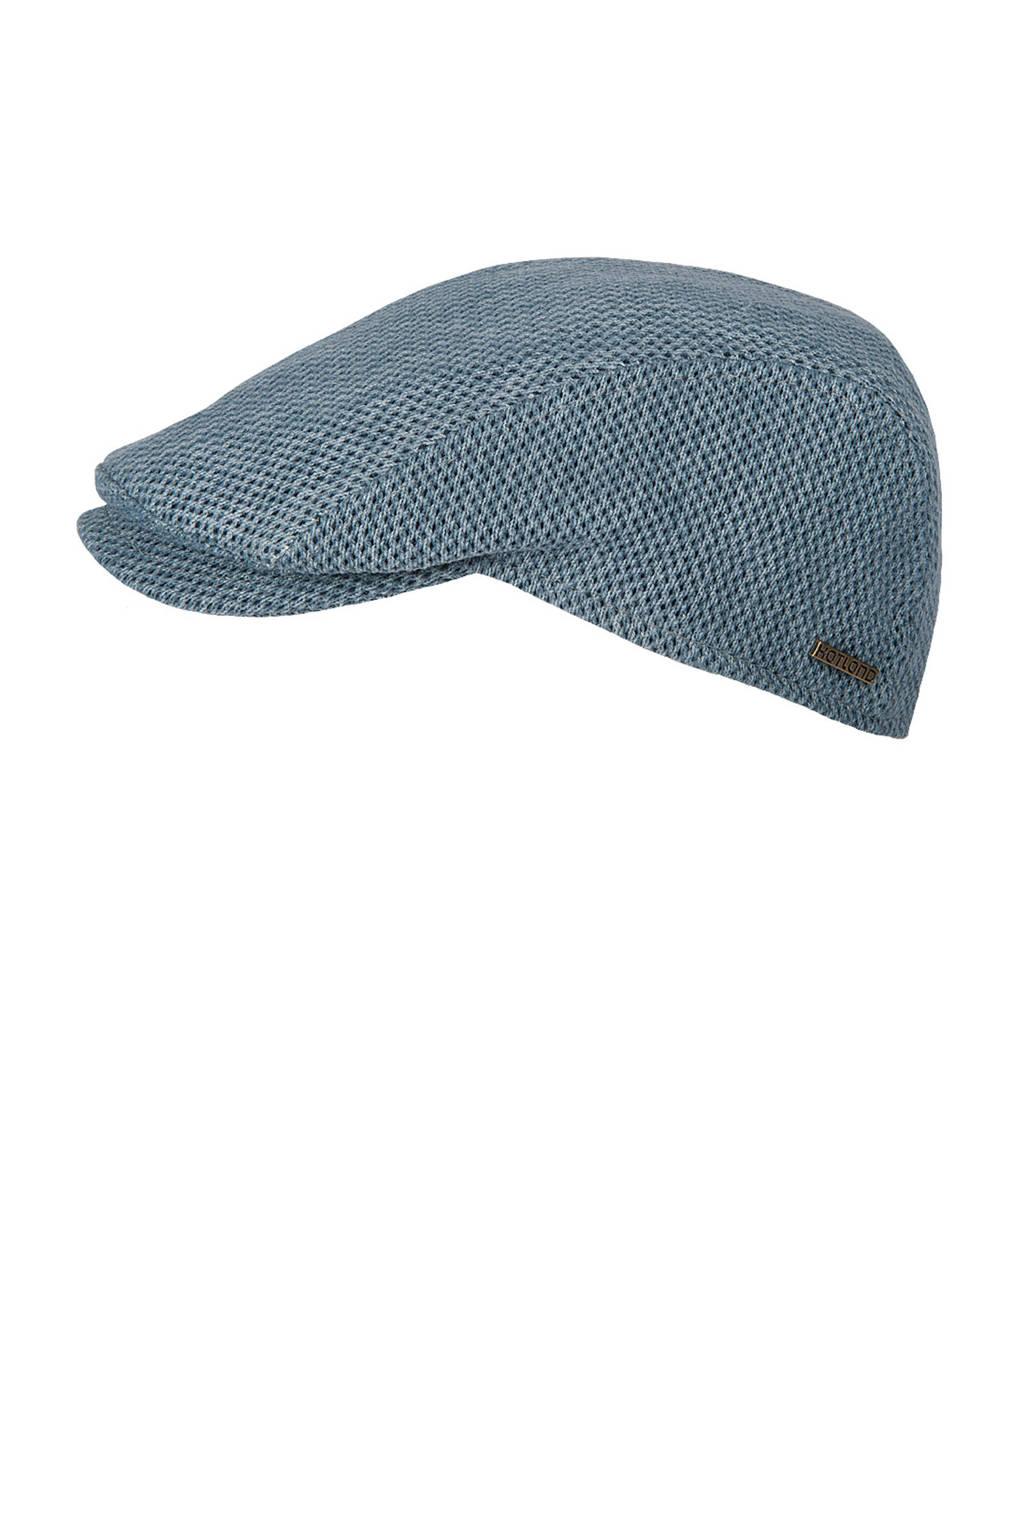 HATLAND flatcap Wisse blauw, Blauw